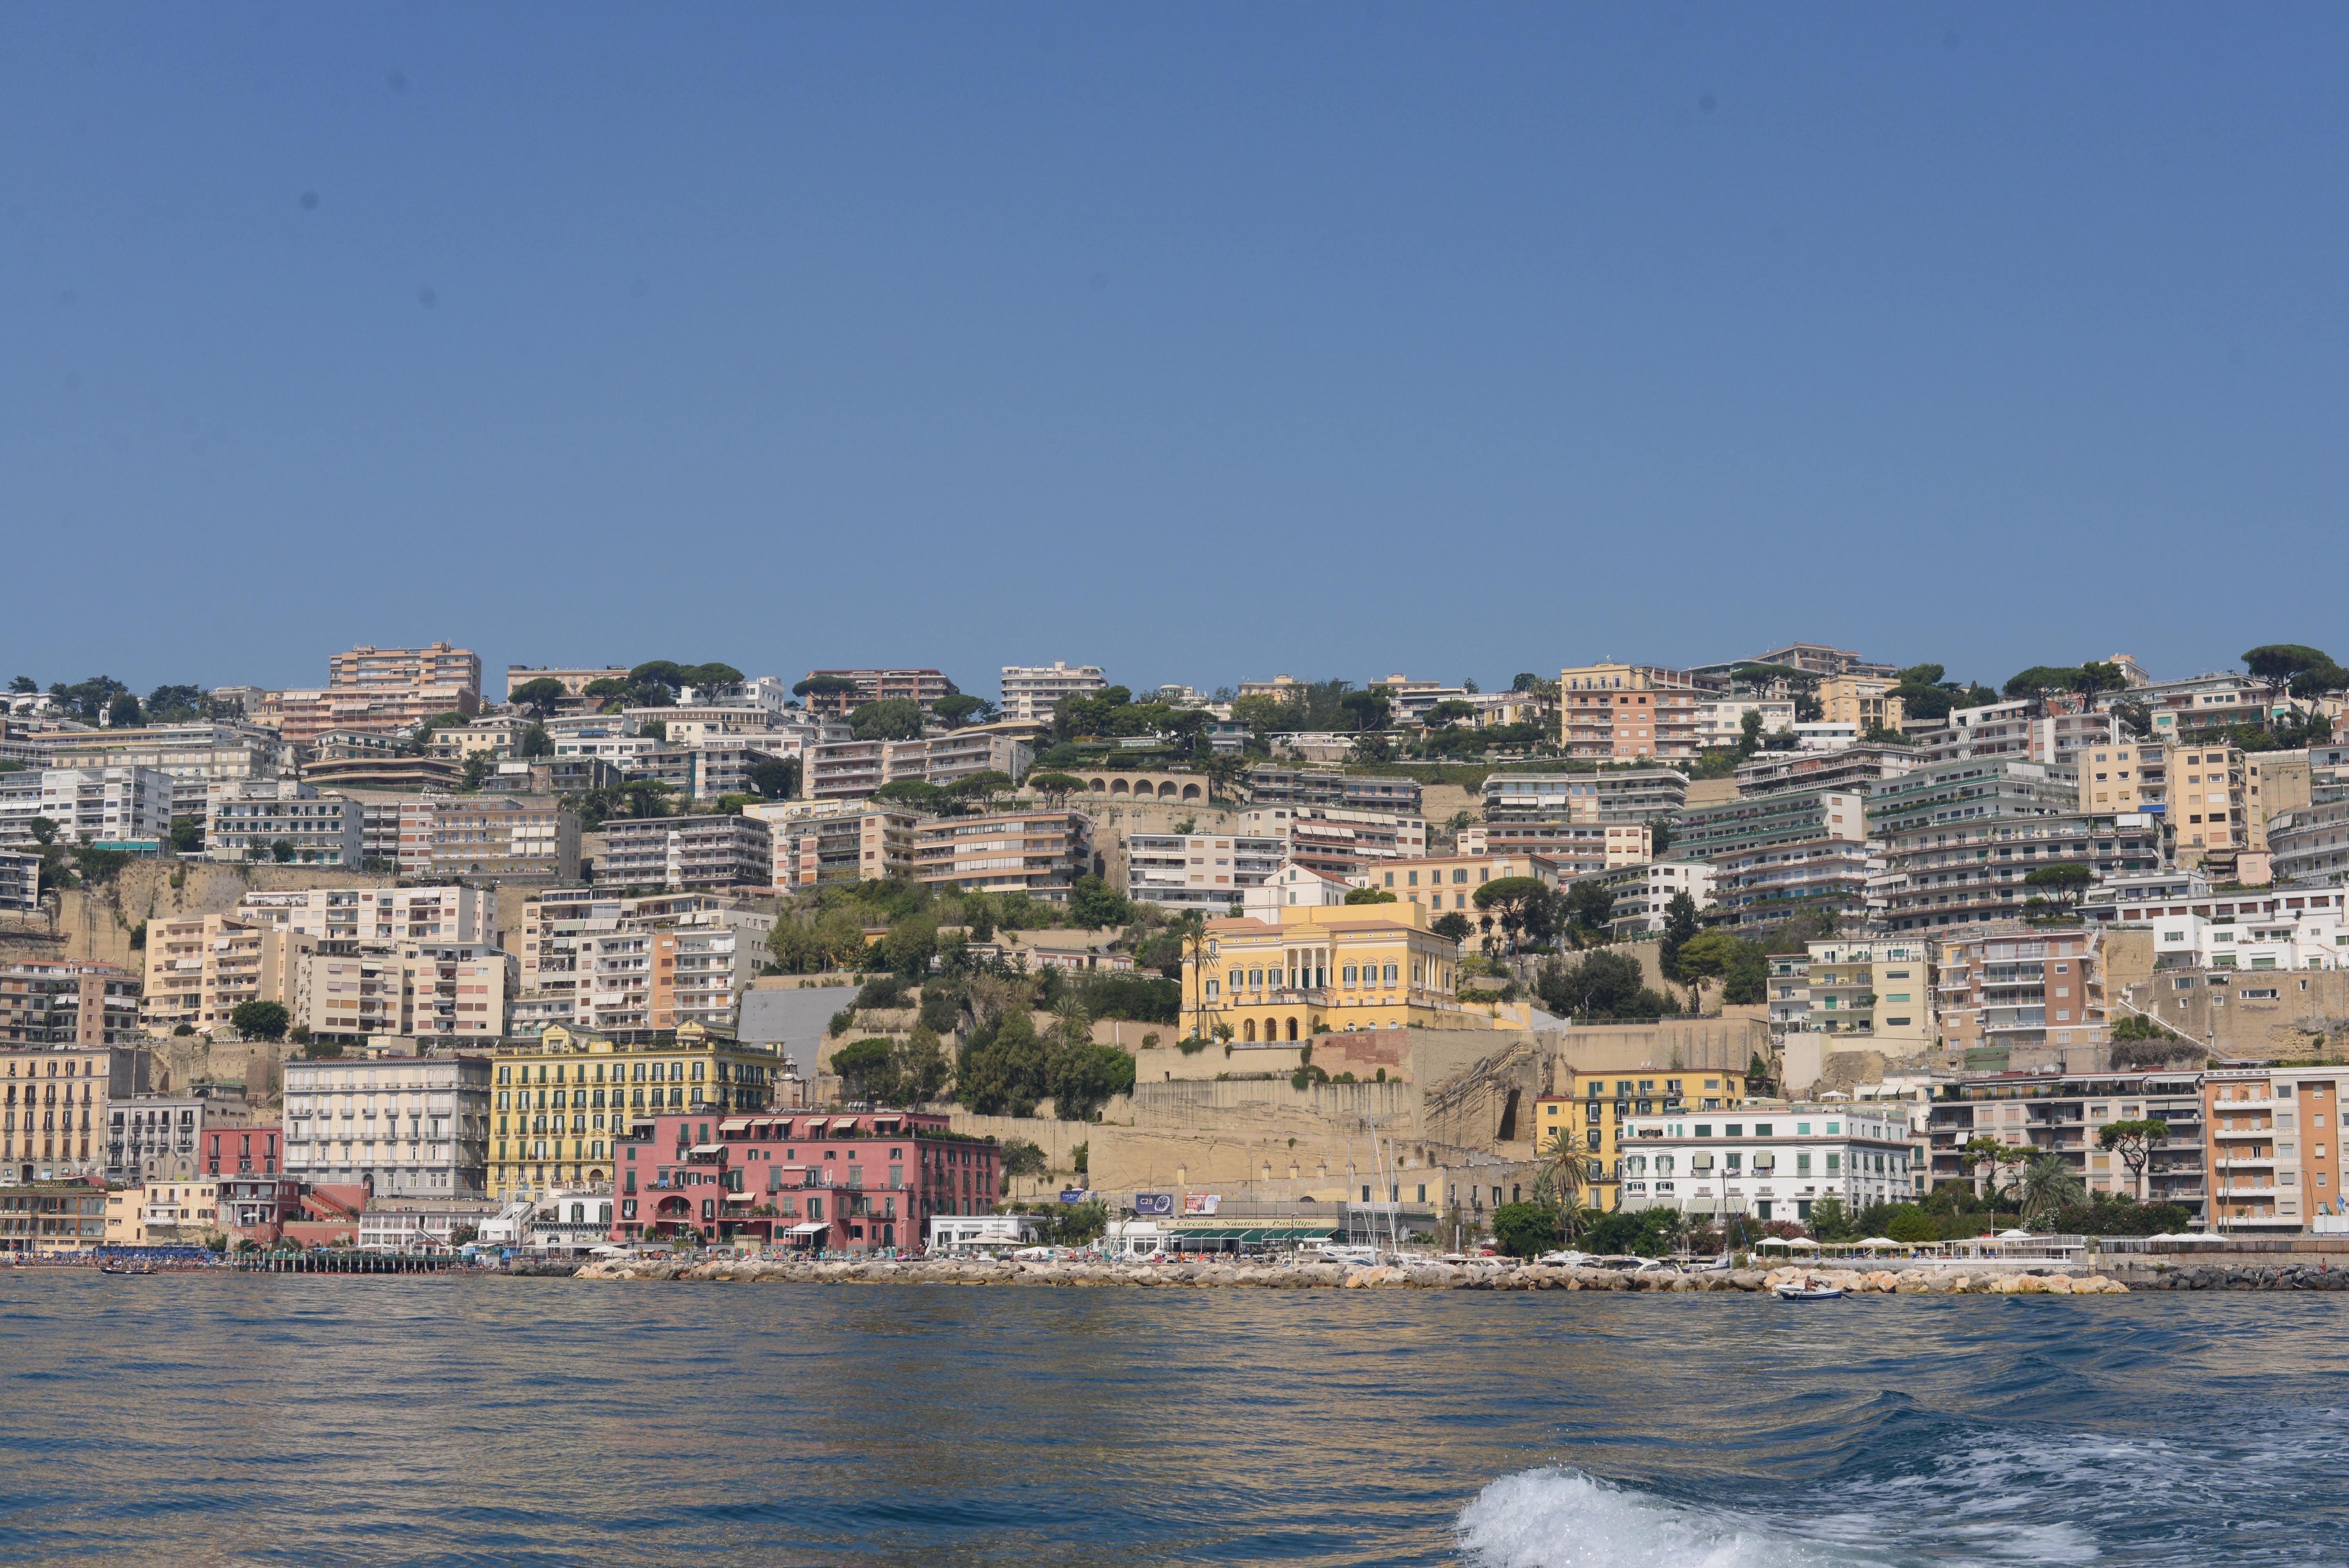 File:Porticciolo del Circolo Posillipo.jpg - Wikimedia Commons